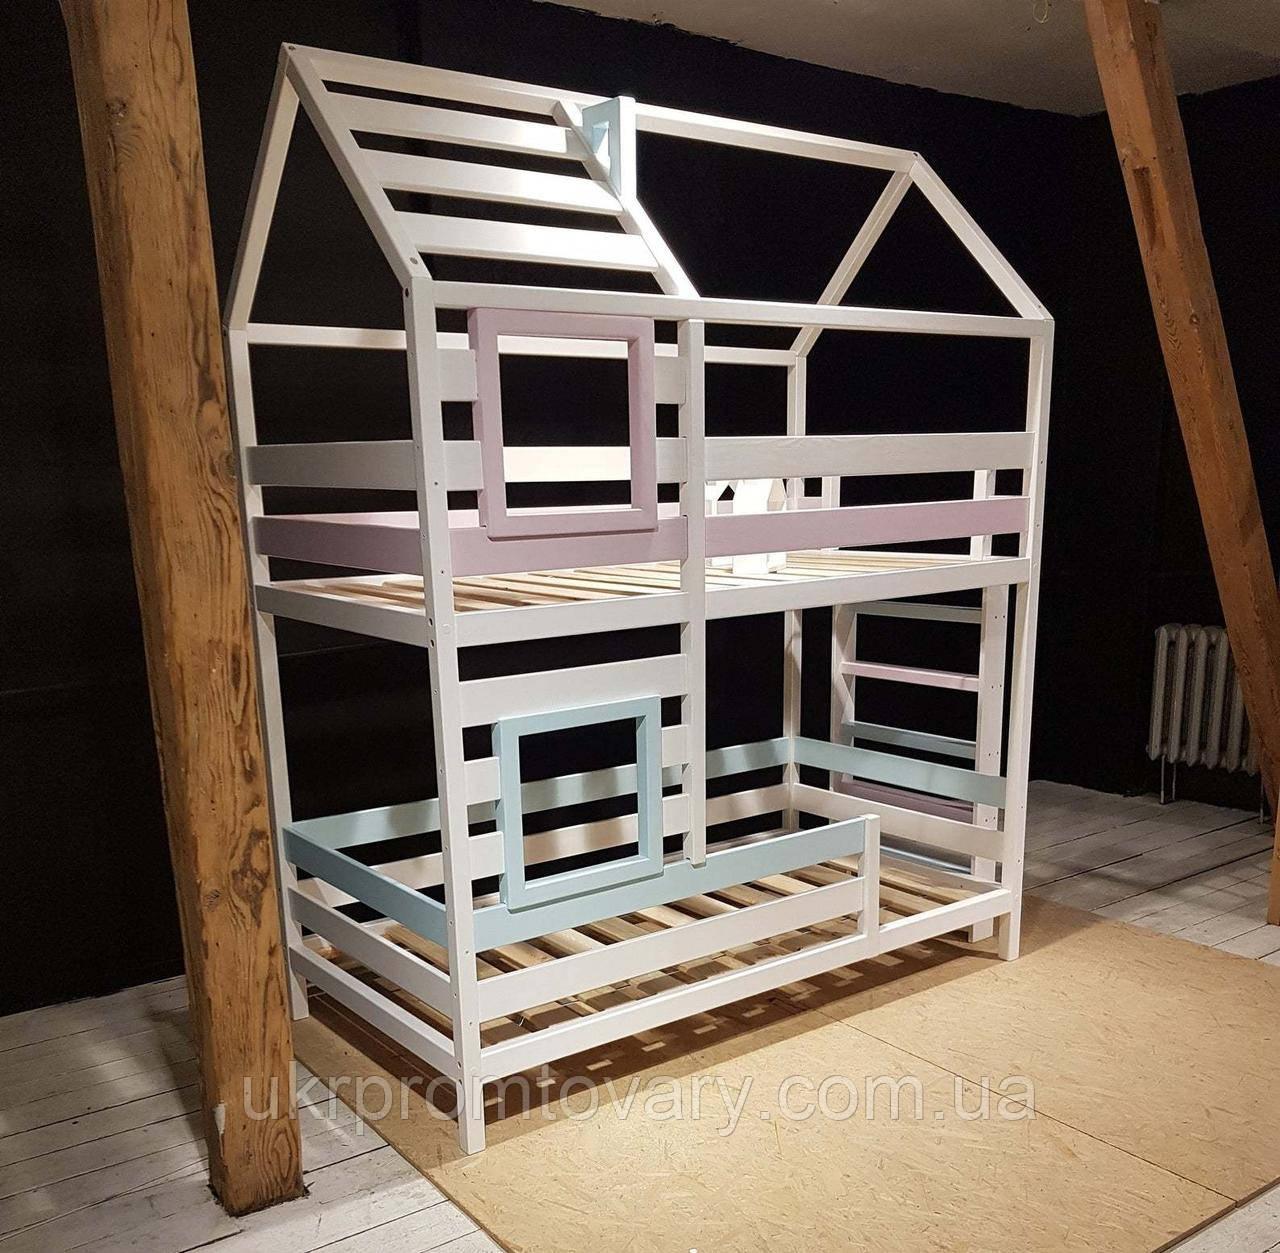 Ліжко LOFT DESIGN 64031, НАТУРАЛЬНЕ ДЕРЕВО, меблі Лофт Виробництво в Києві